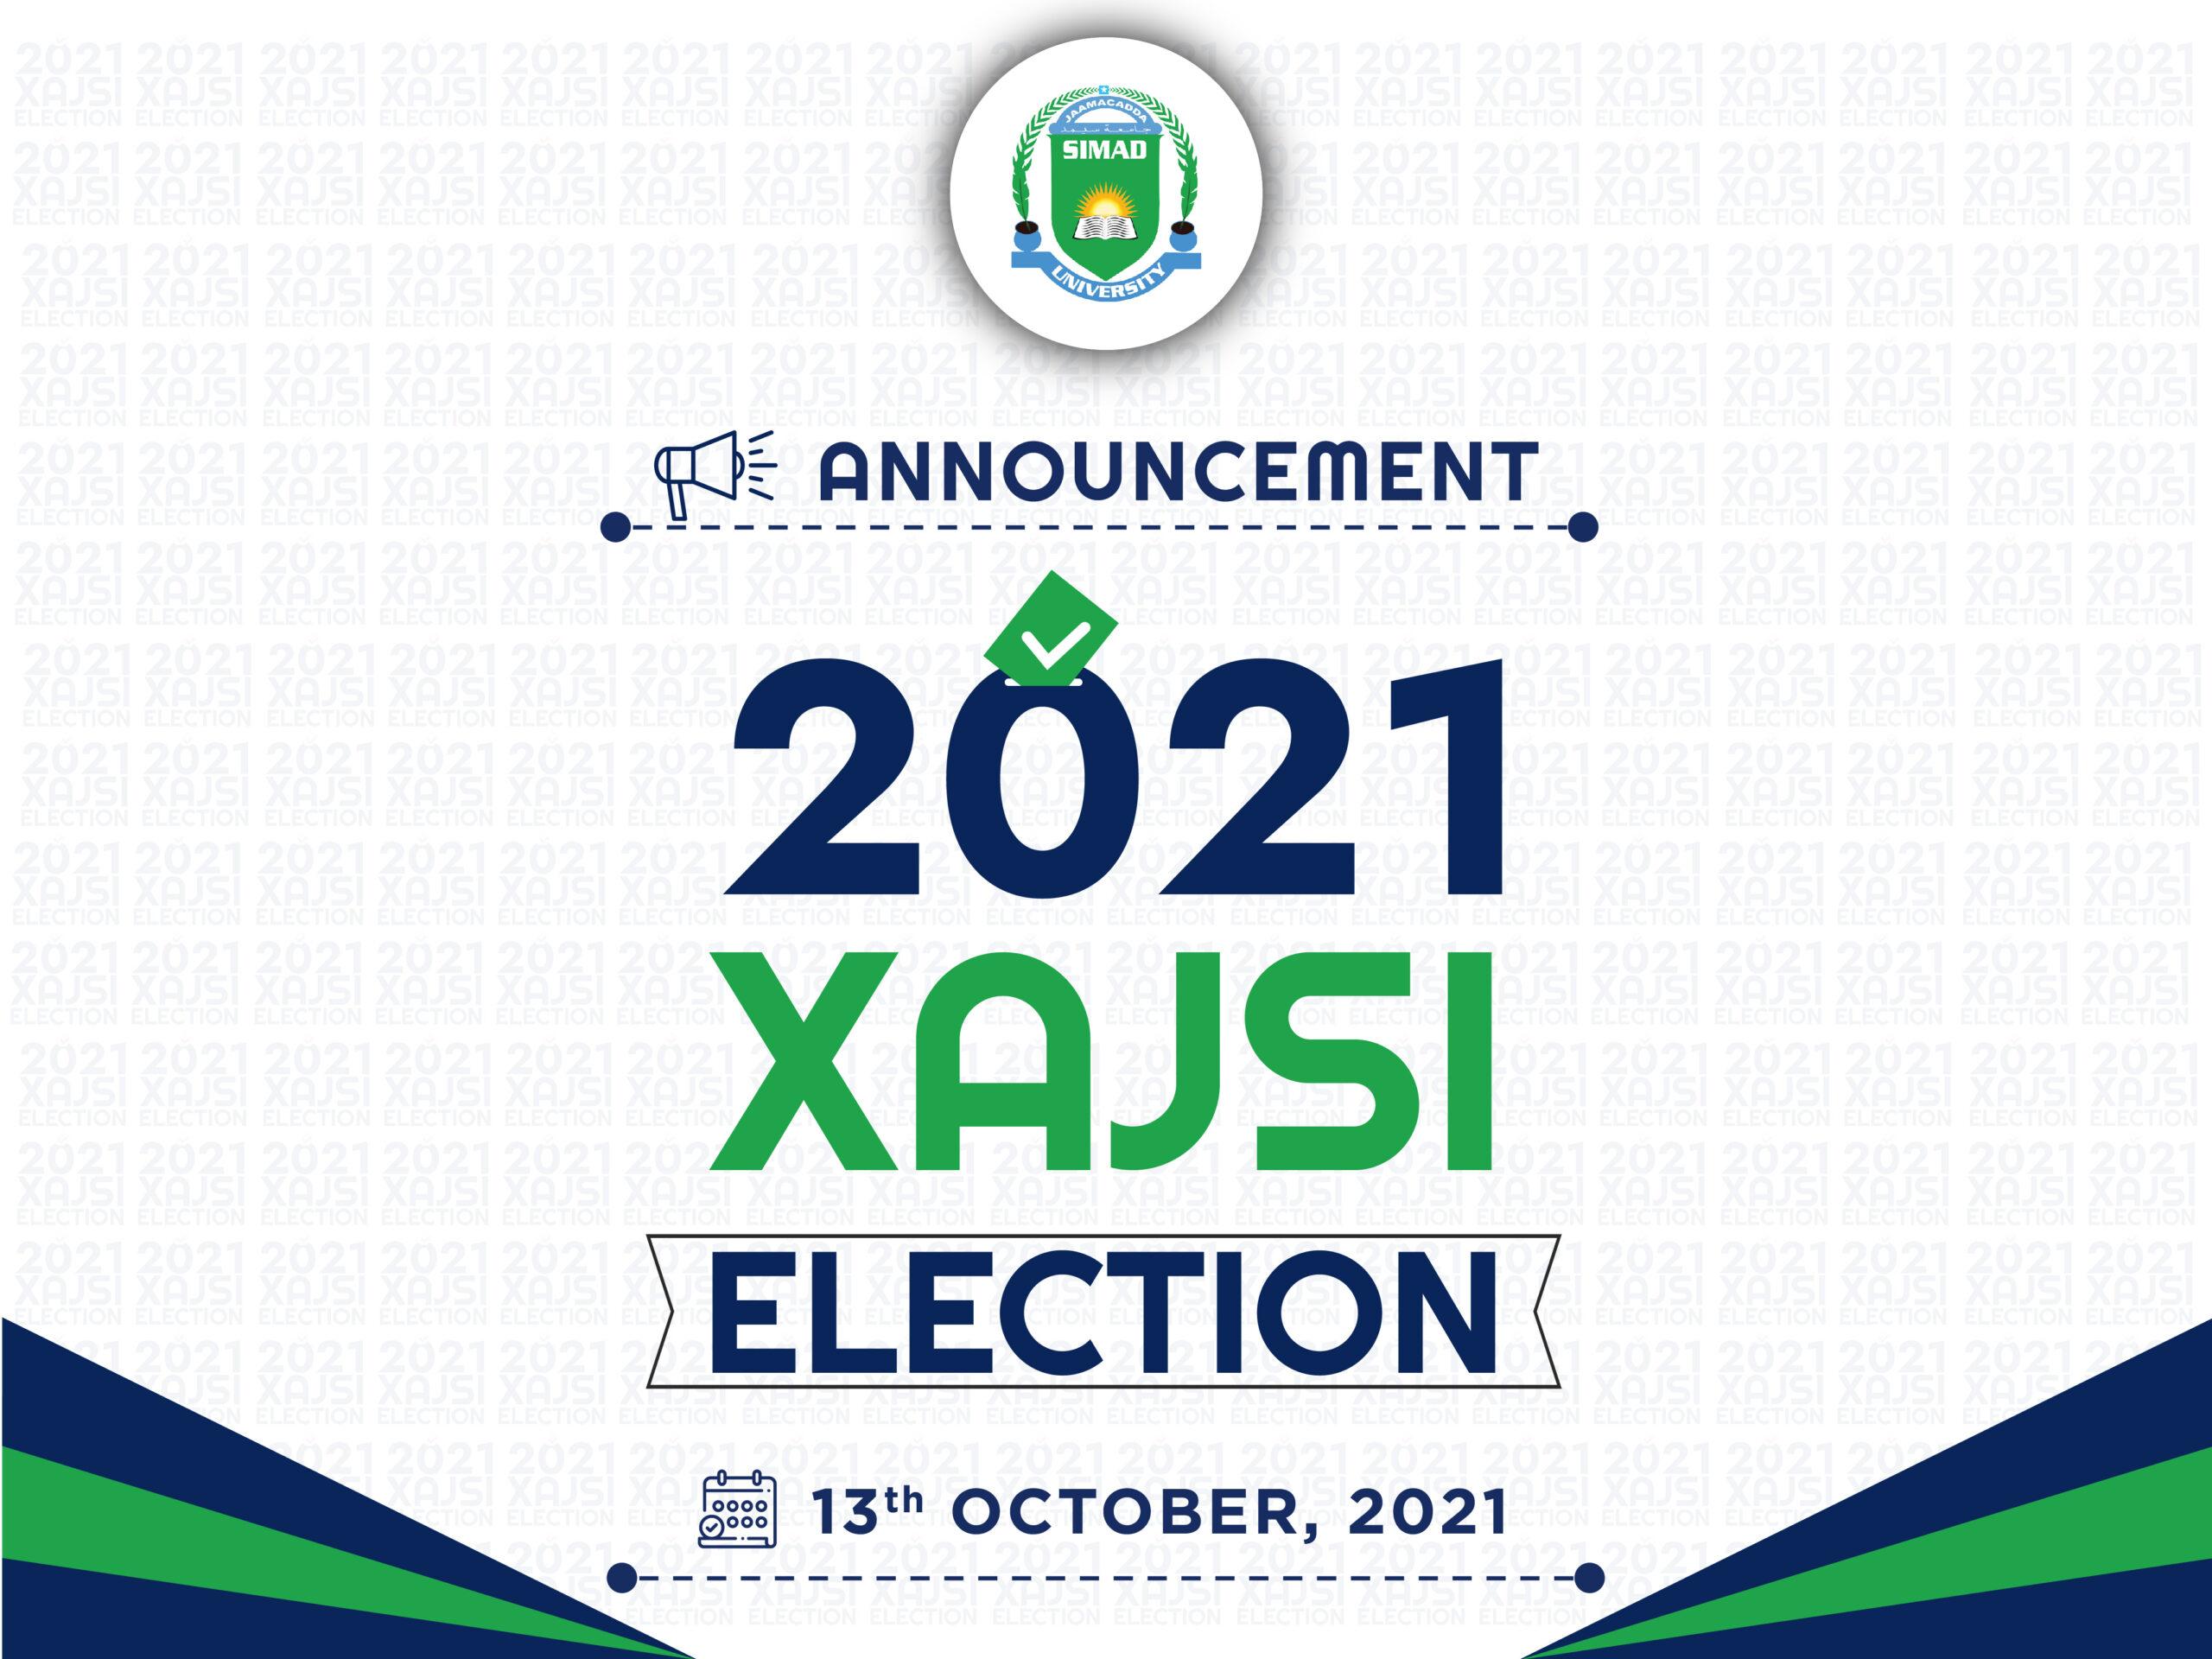 XAJSi Election | Announcement